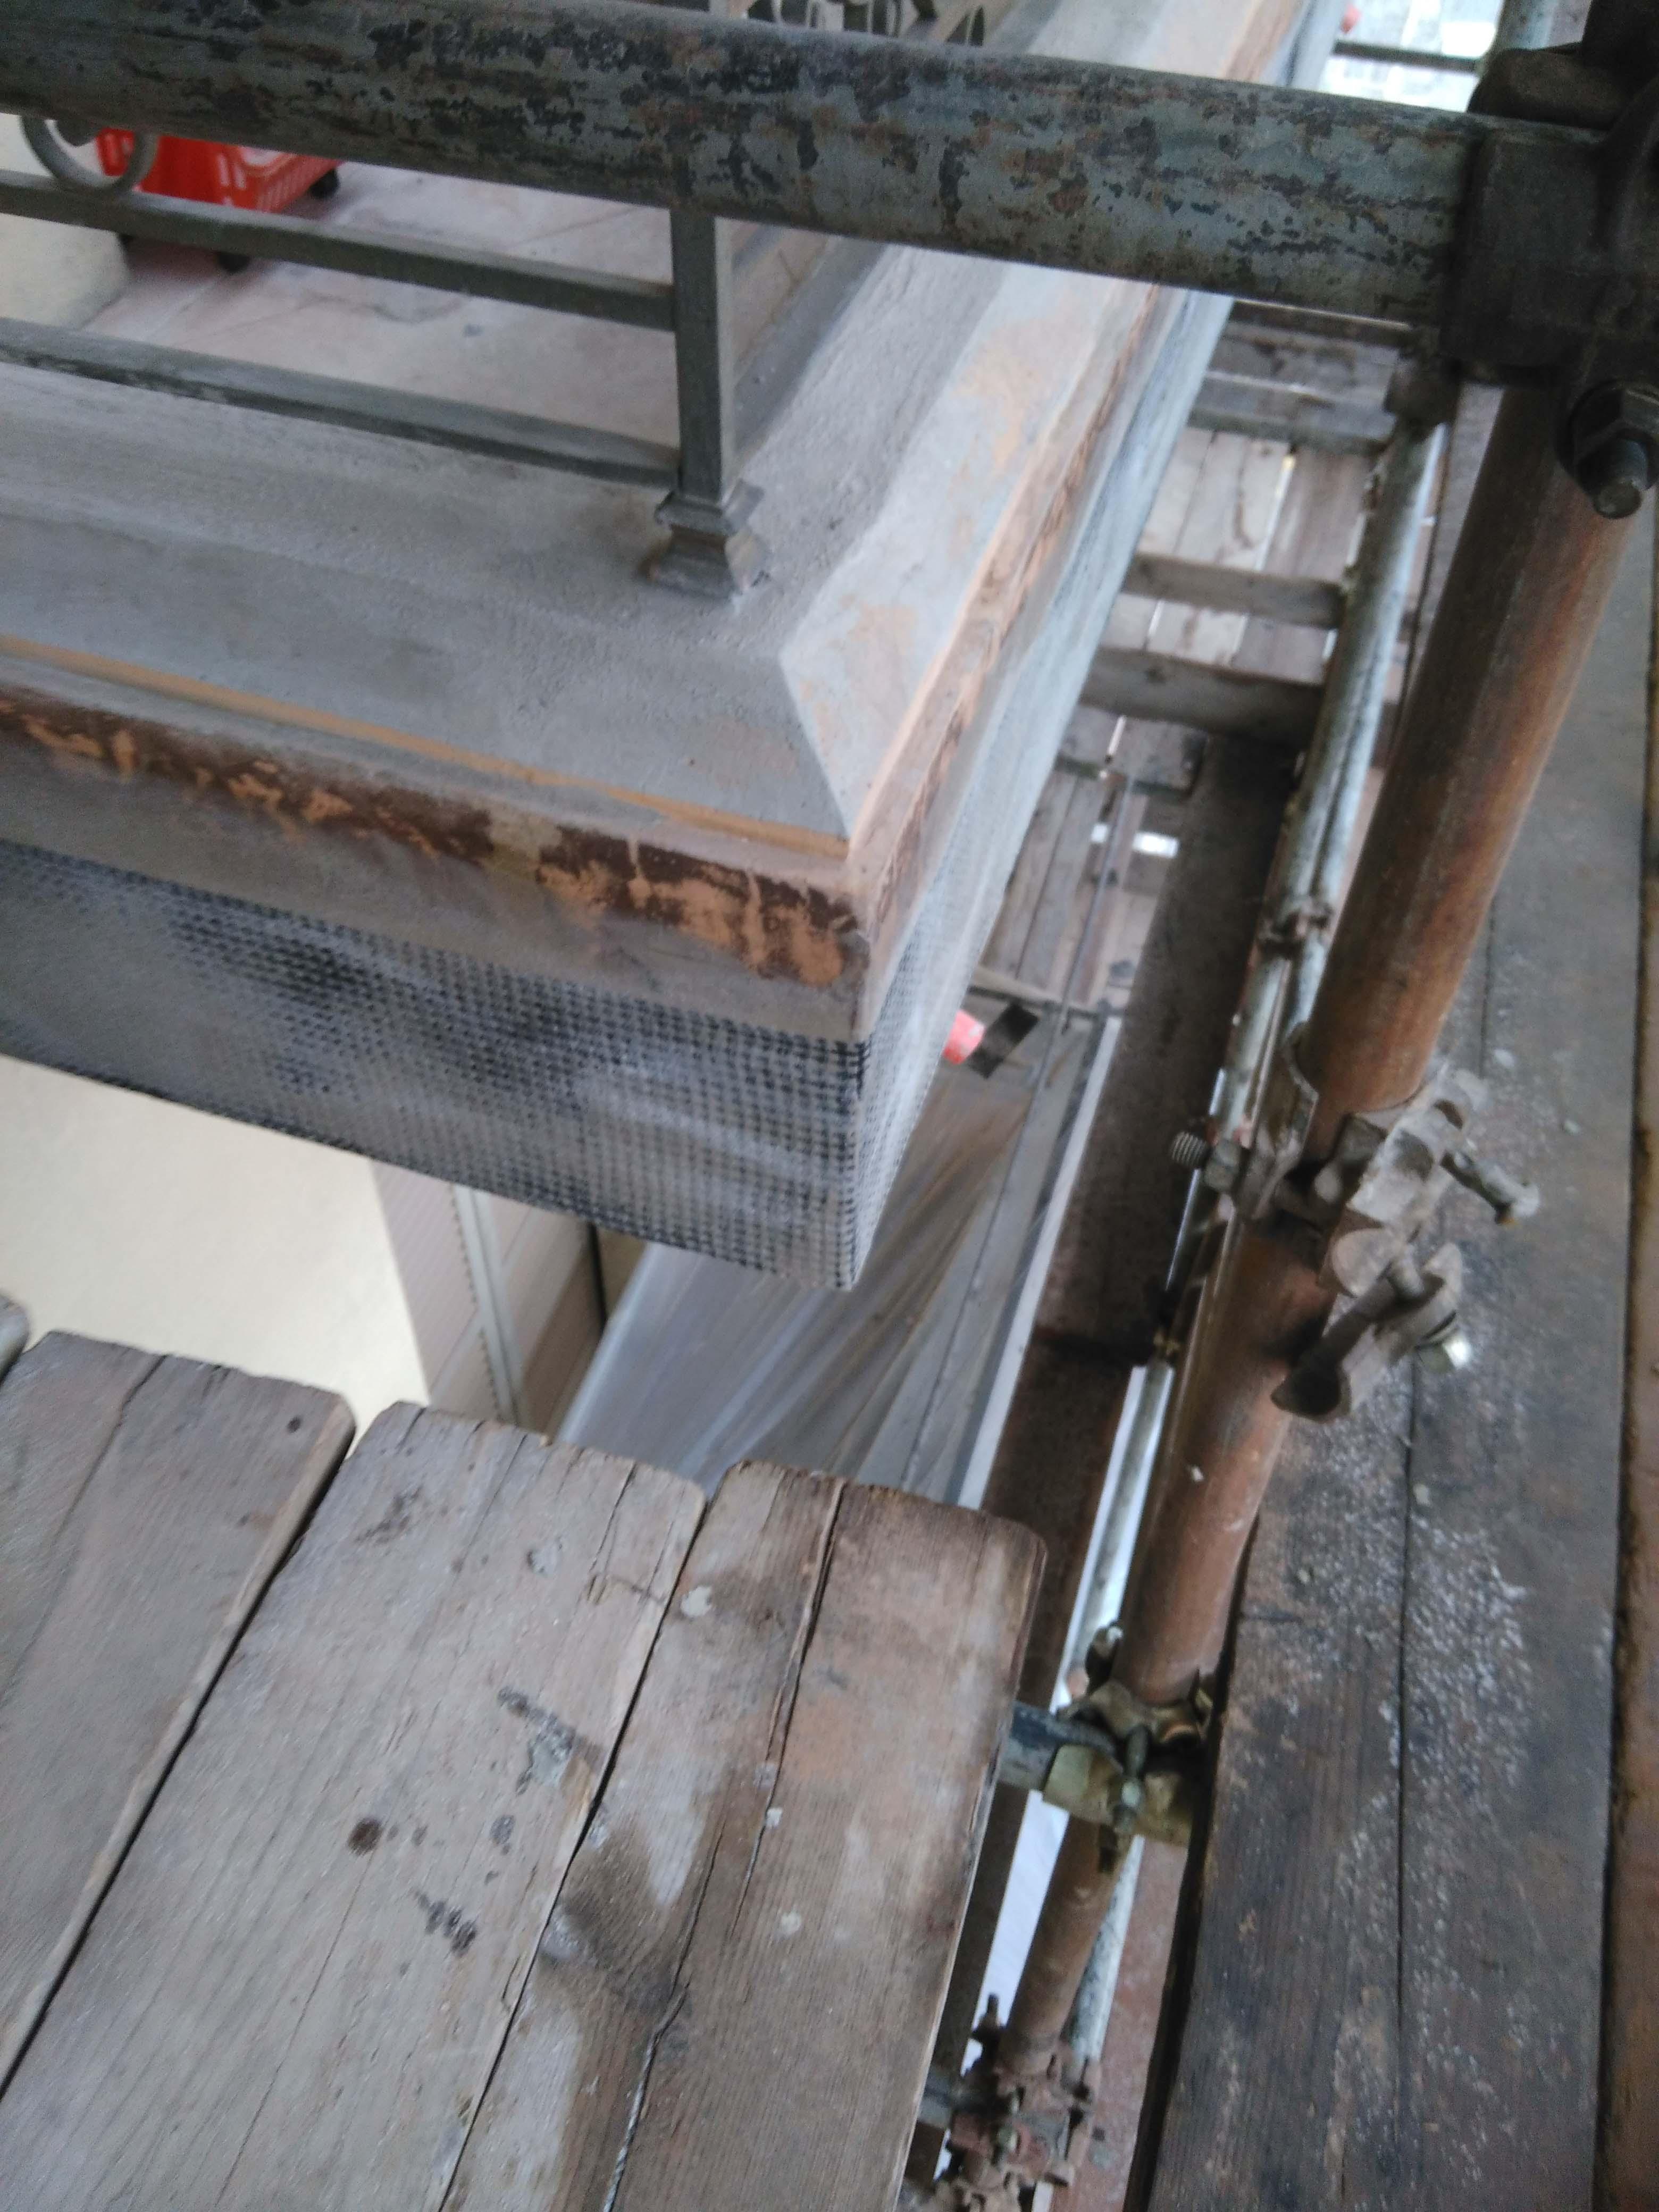 Rinforzo con tessuti in carbonio bidirezionali nei balconi di via Pigafetta - foto 4